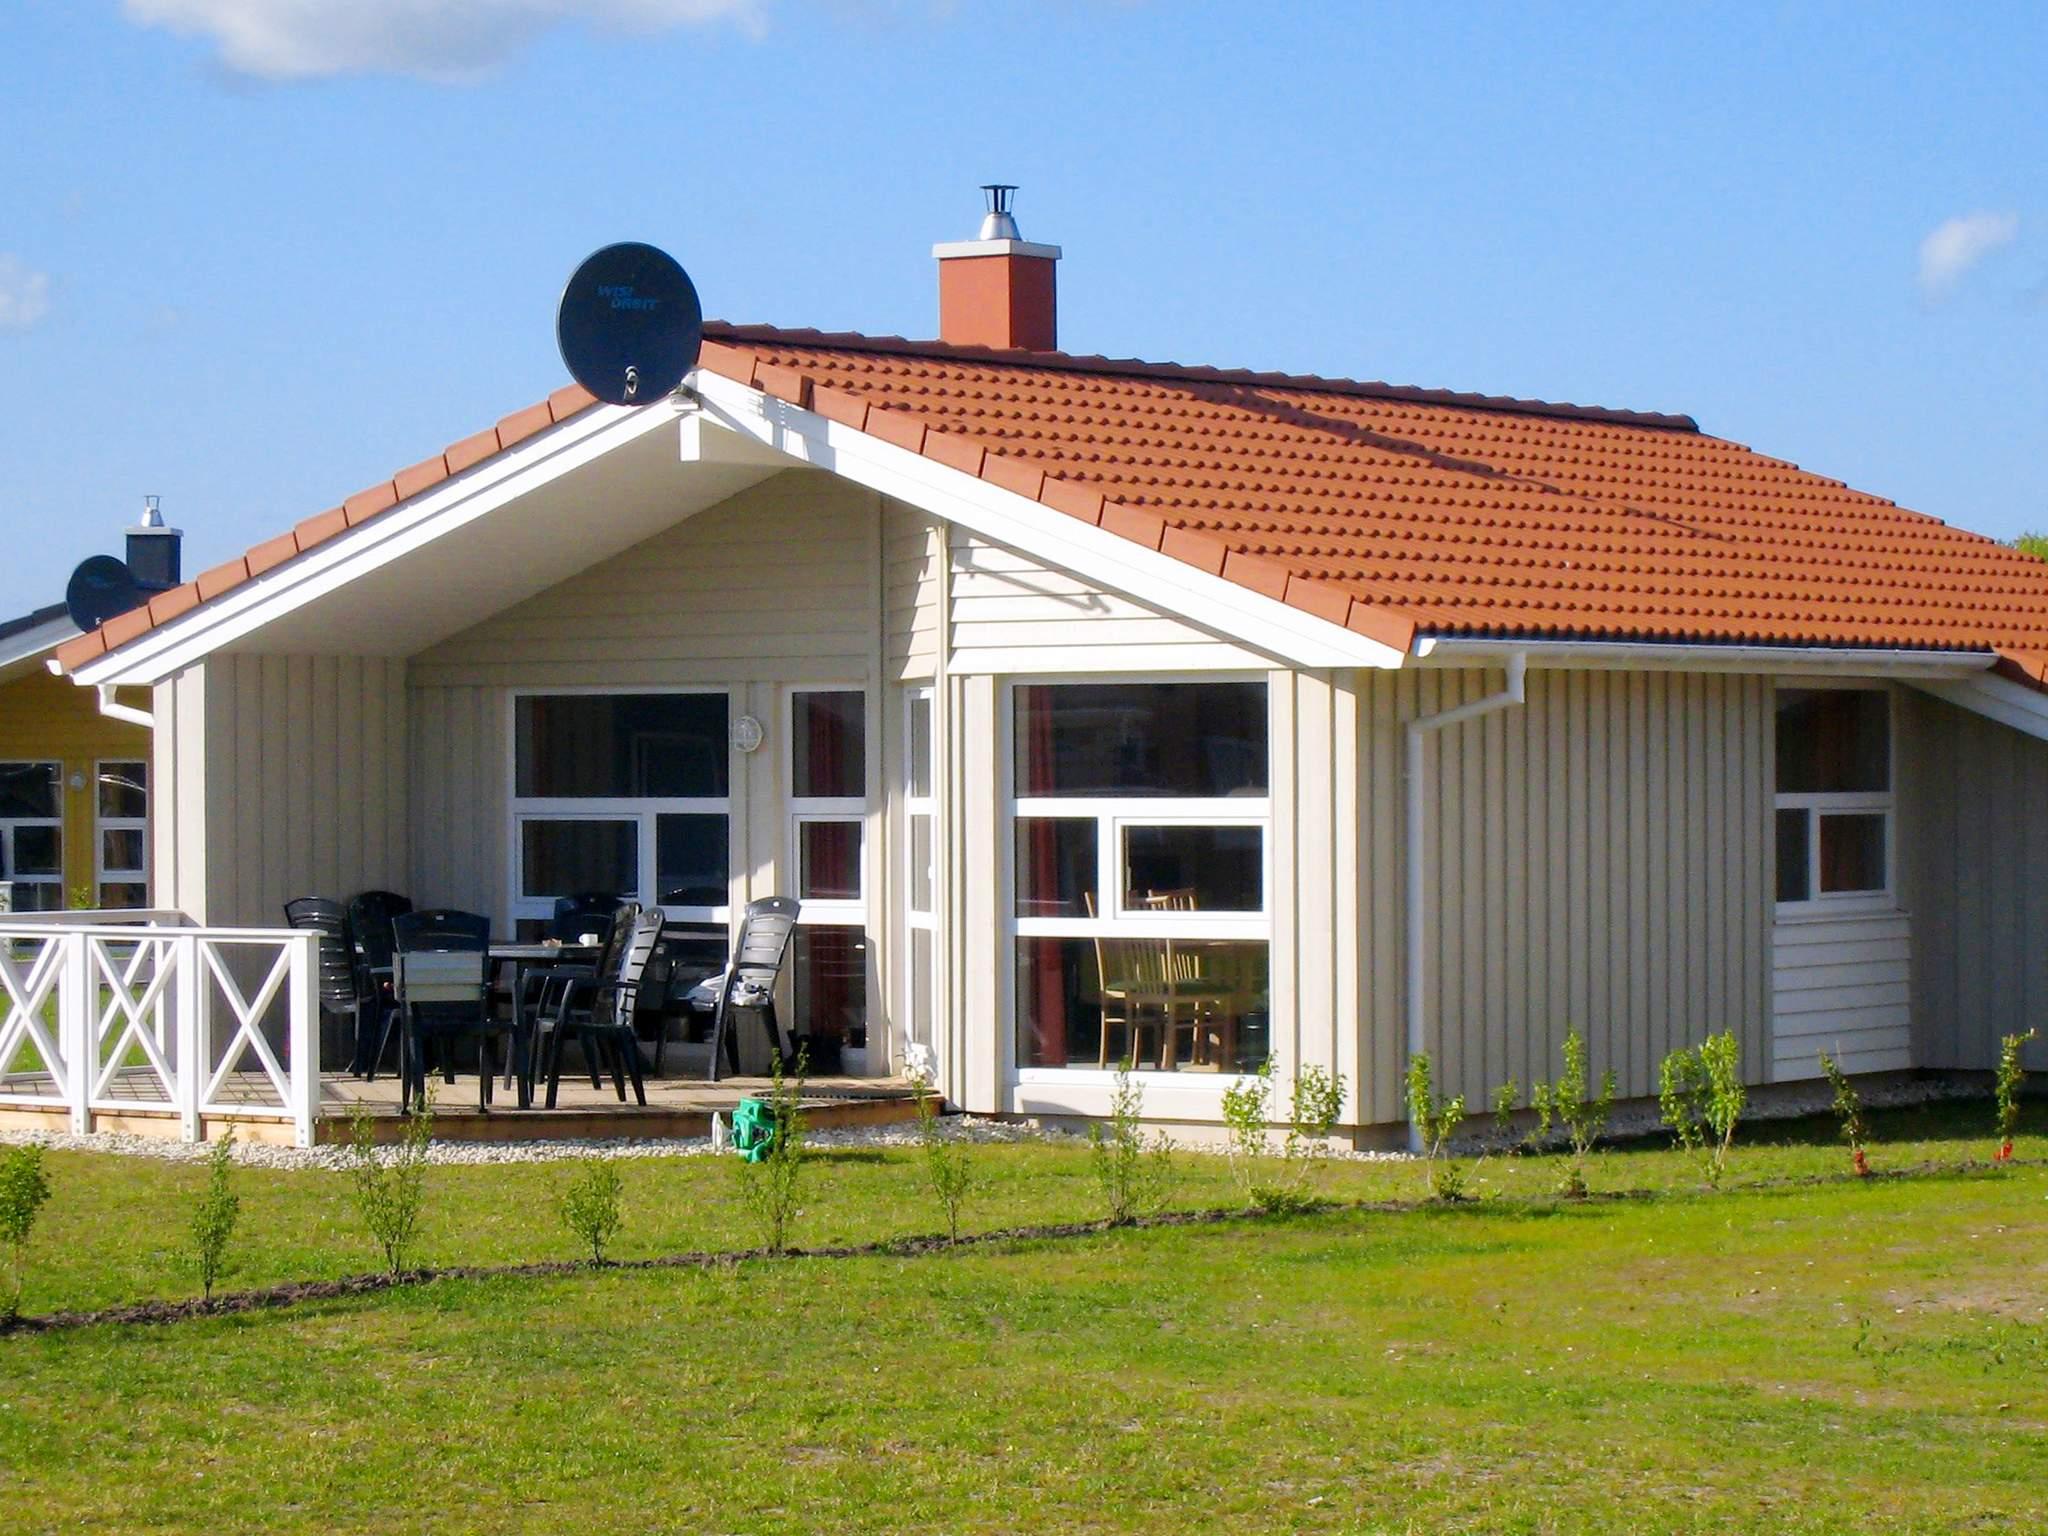 Maison de vacances Grömitz (361024), Grömitz, Baie de Lübeck, Schleswig-Holstein, Allemagne, image 1